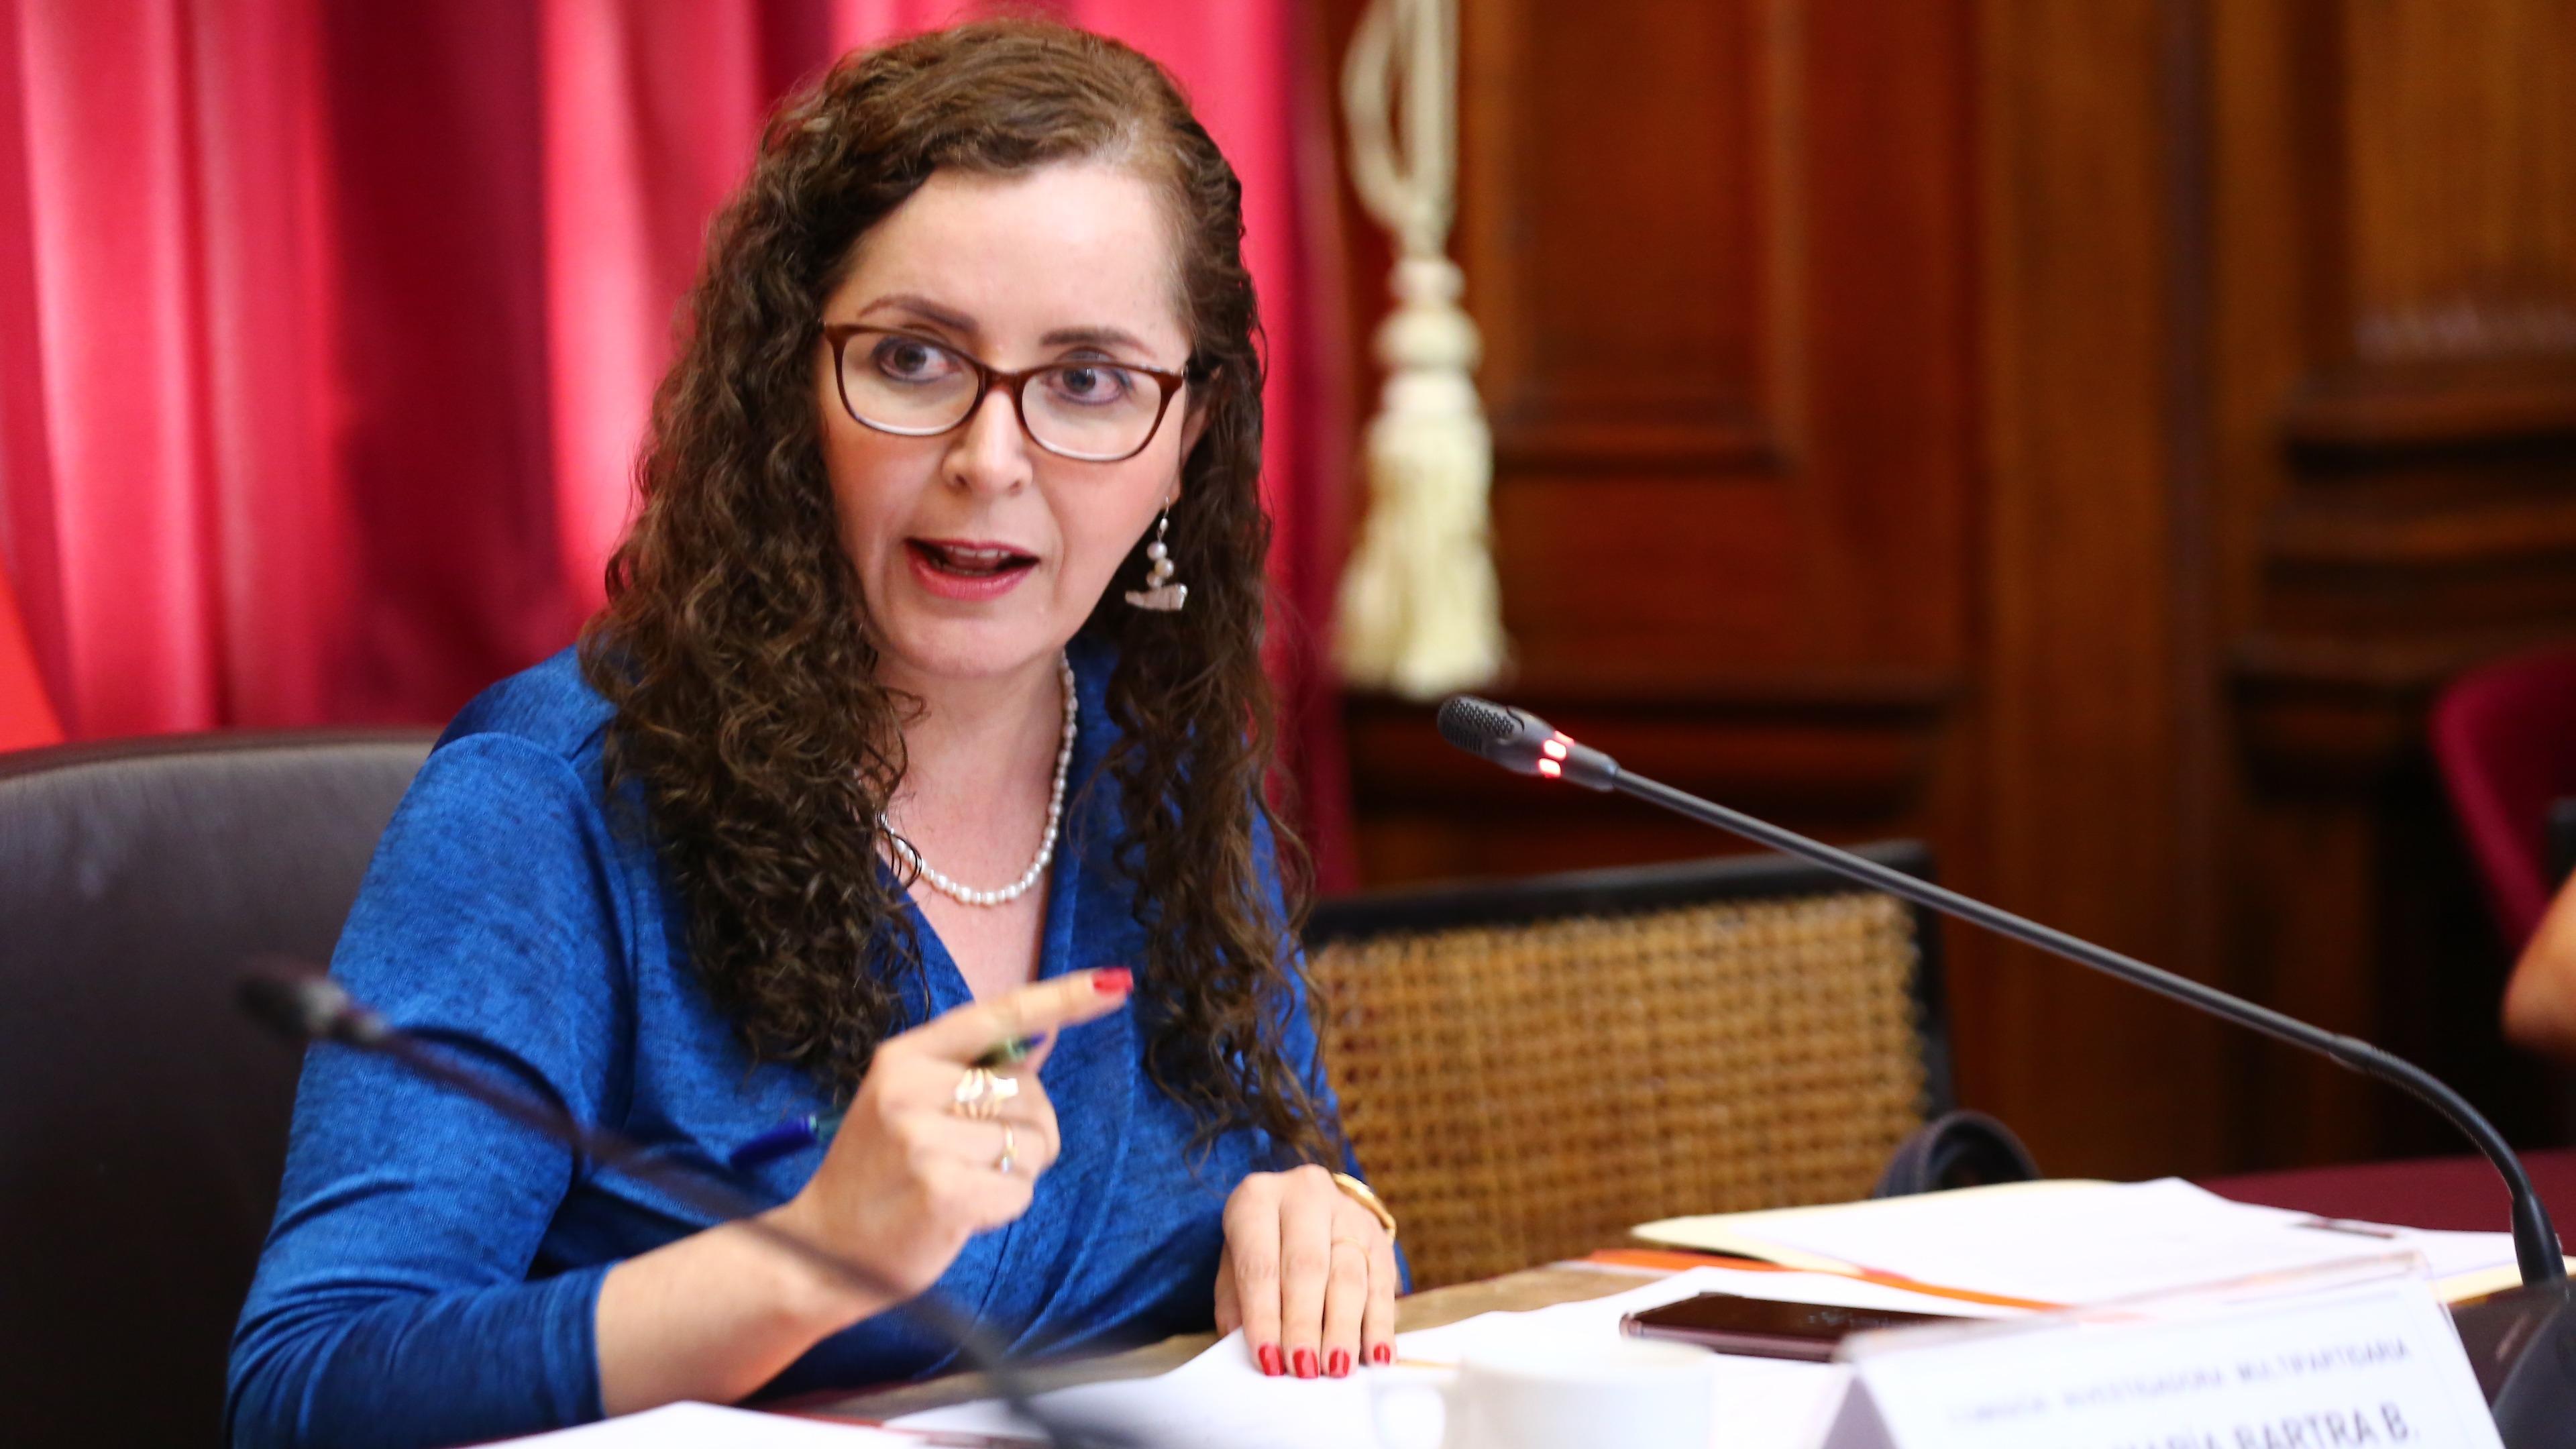 La congresista señaló que no profundizará en las investigaciones sobre la publicación del chat.